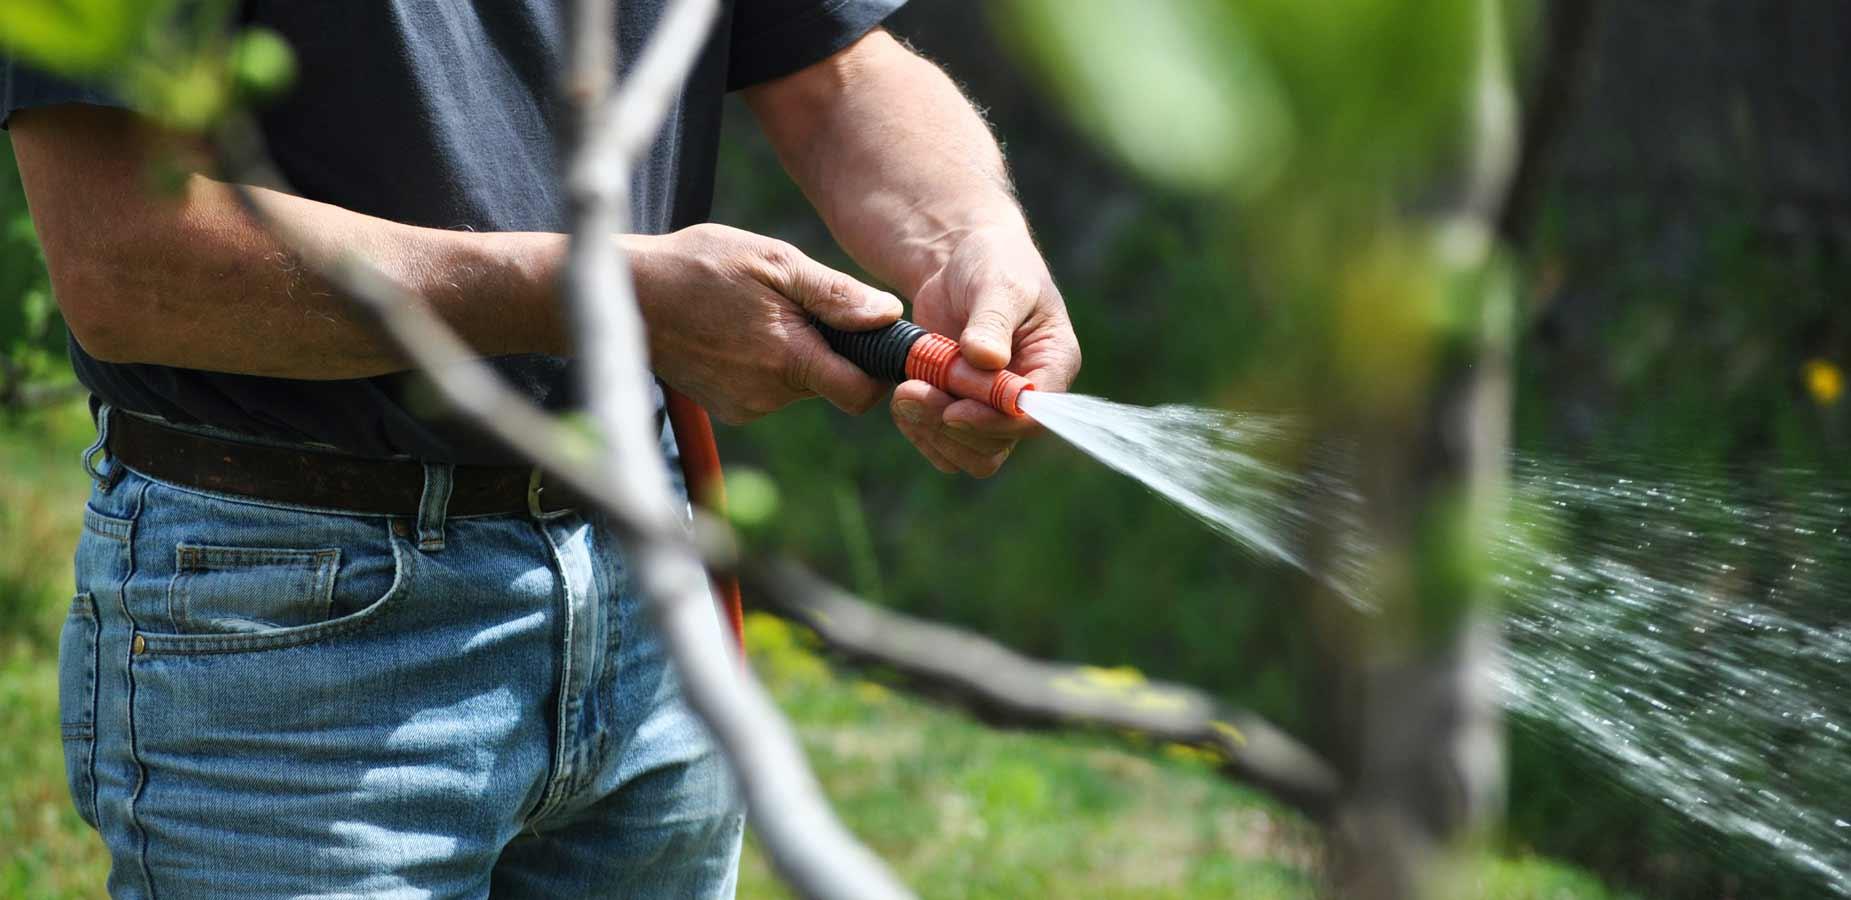 Garden watering equipment